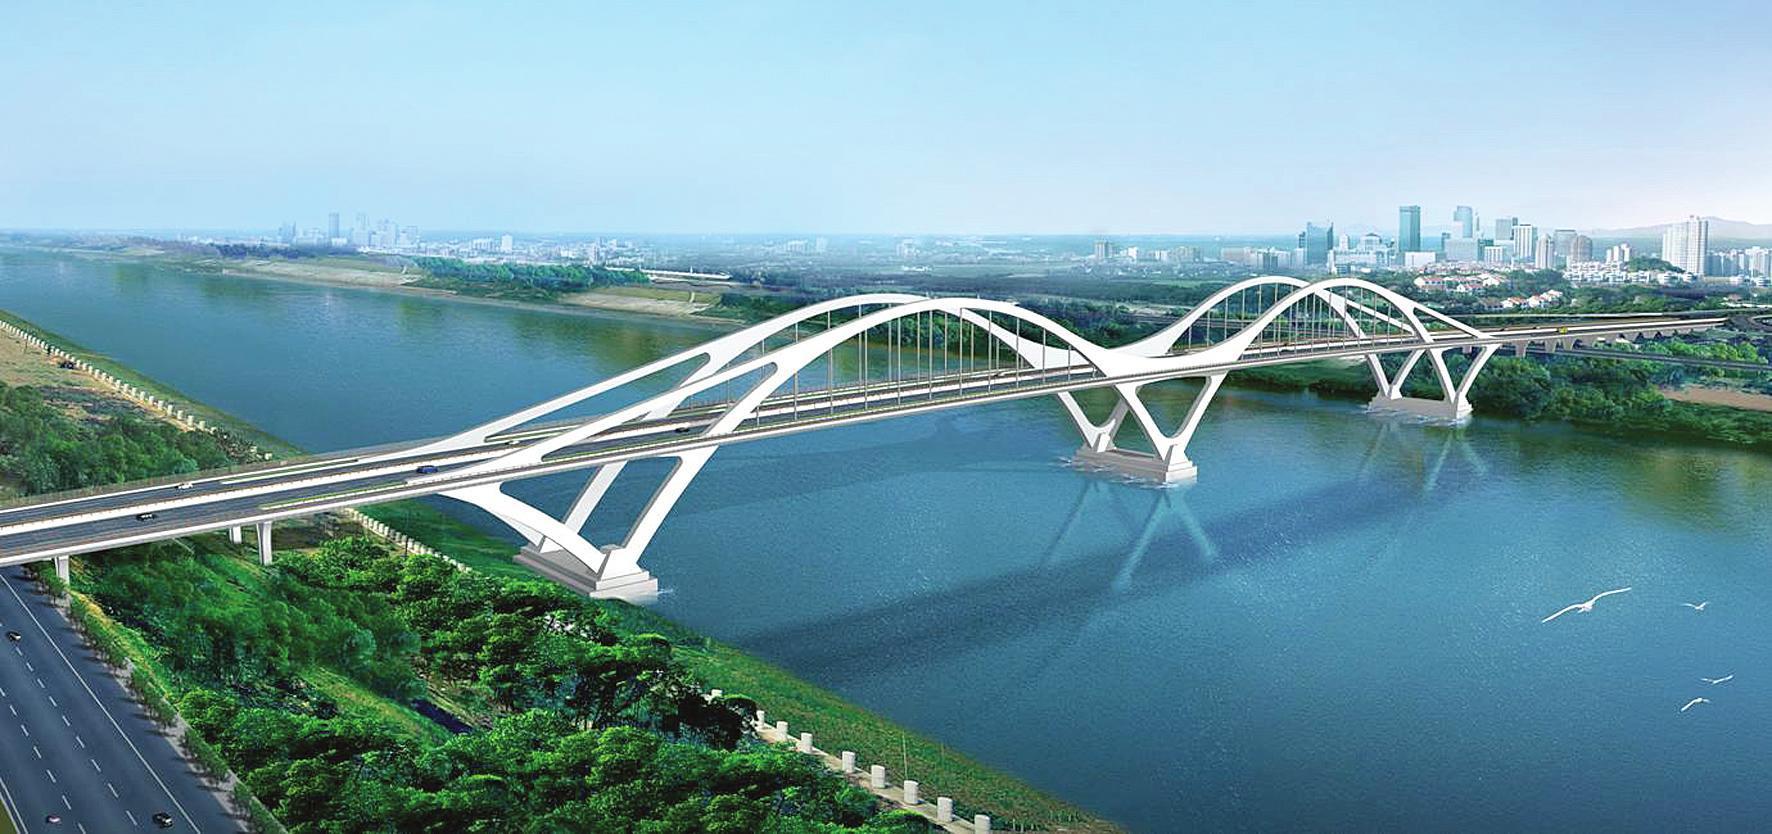 冯正霖:我国桥梁技术发展战略的思考 - 独上高楼 - 止于至善